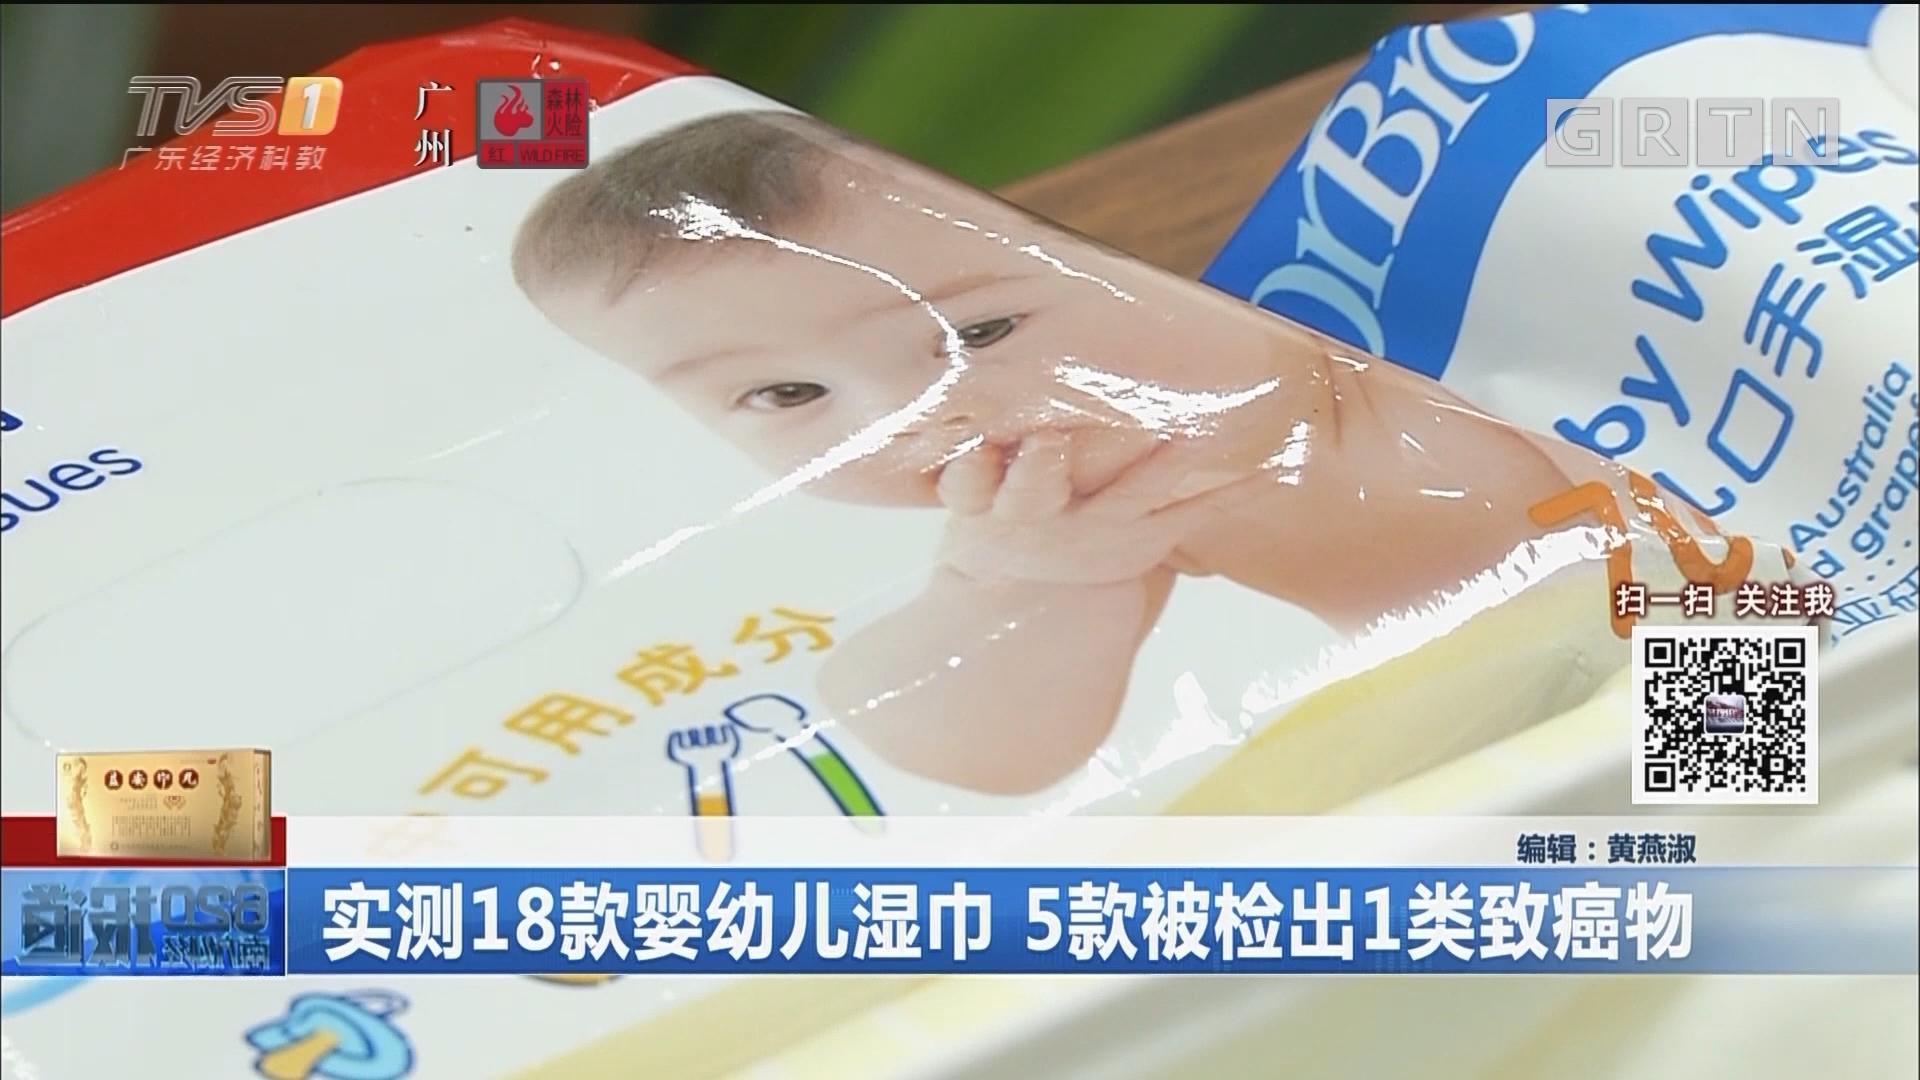 实测18款婴幼儿湿巾 5款被检出1类致癌物